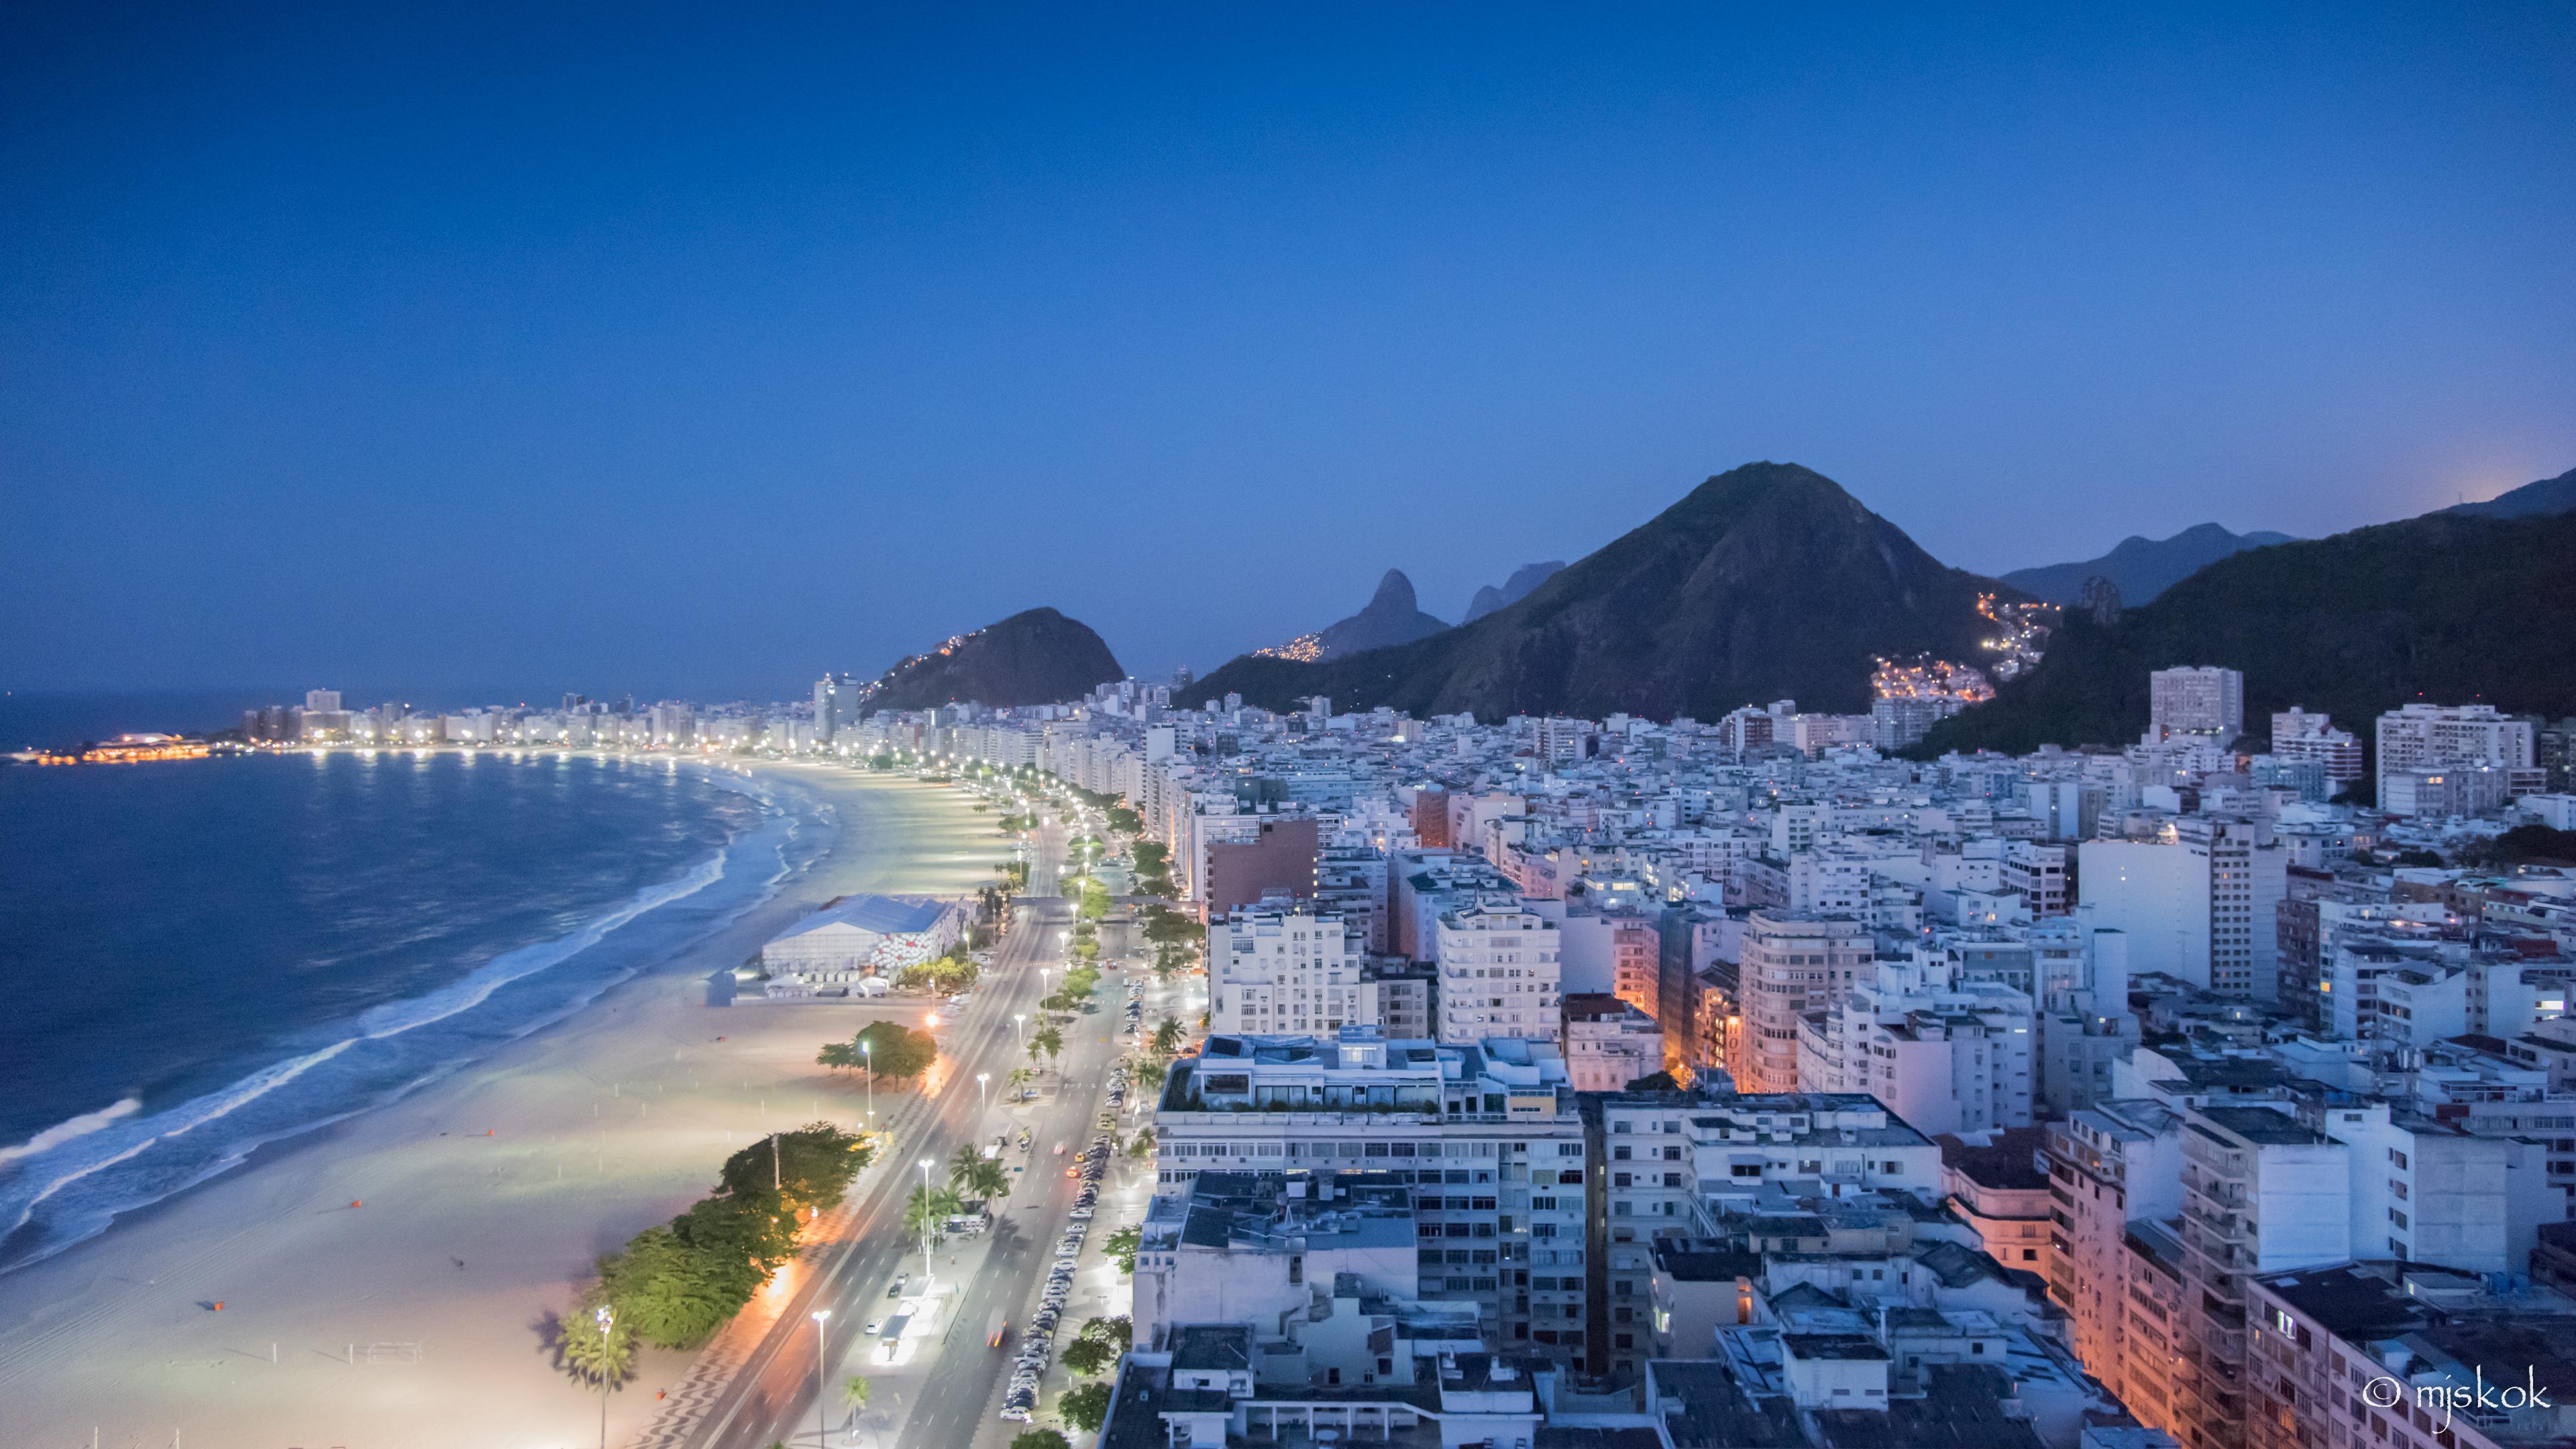 Final moonlight over Copacabana beach